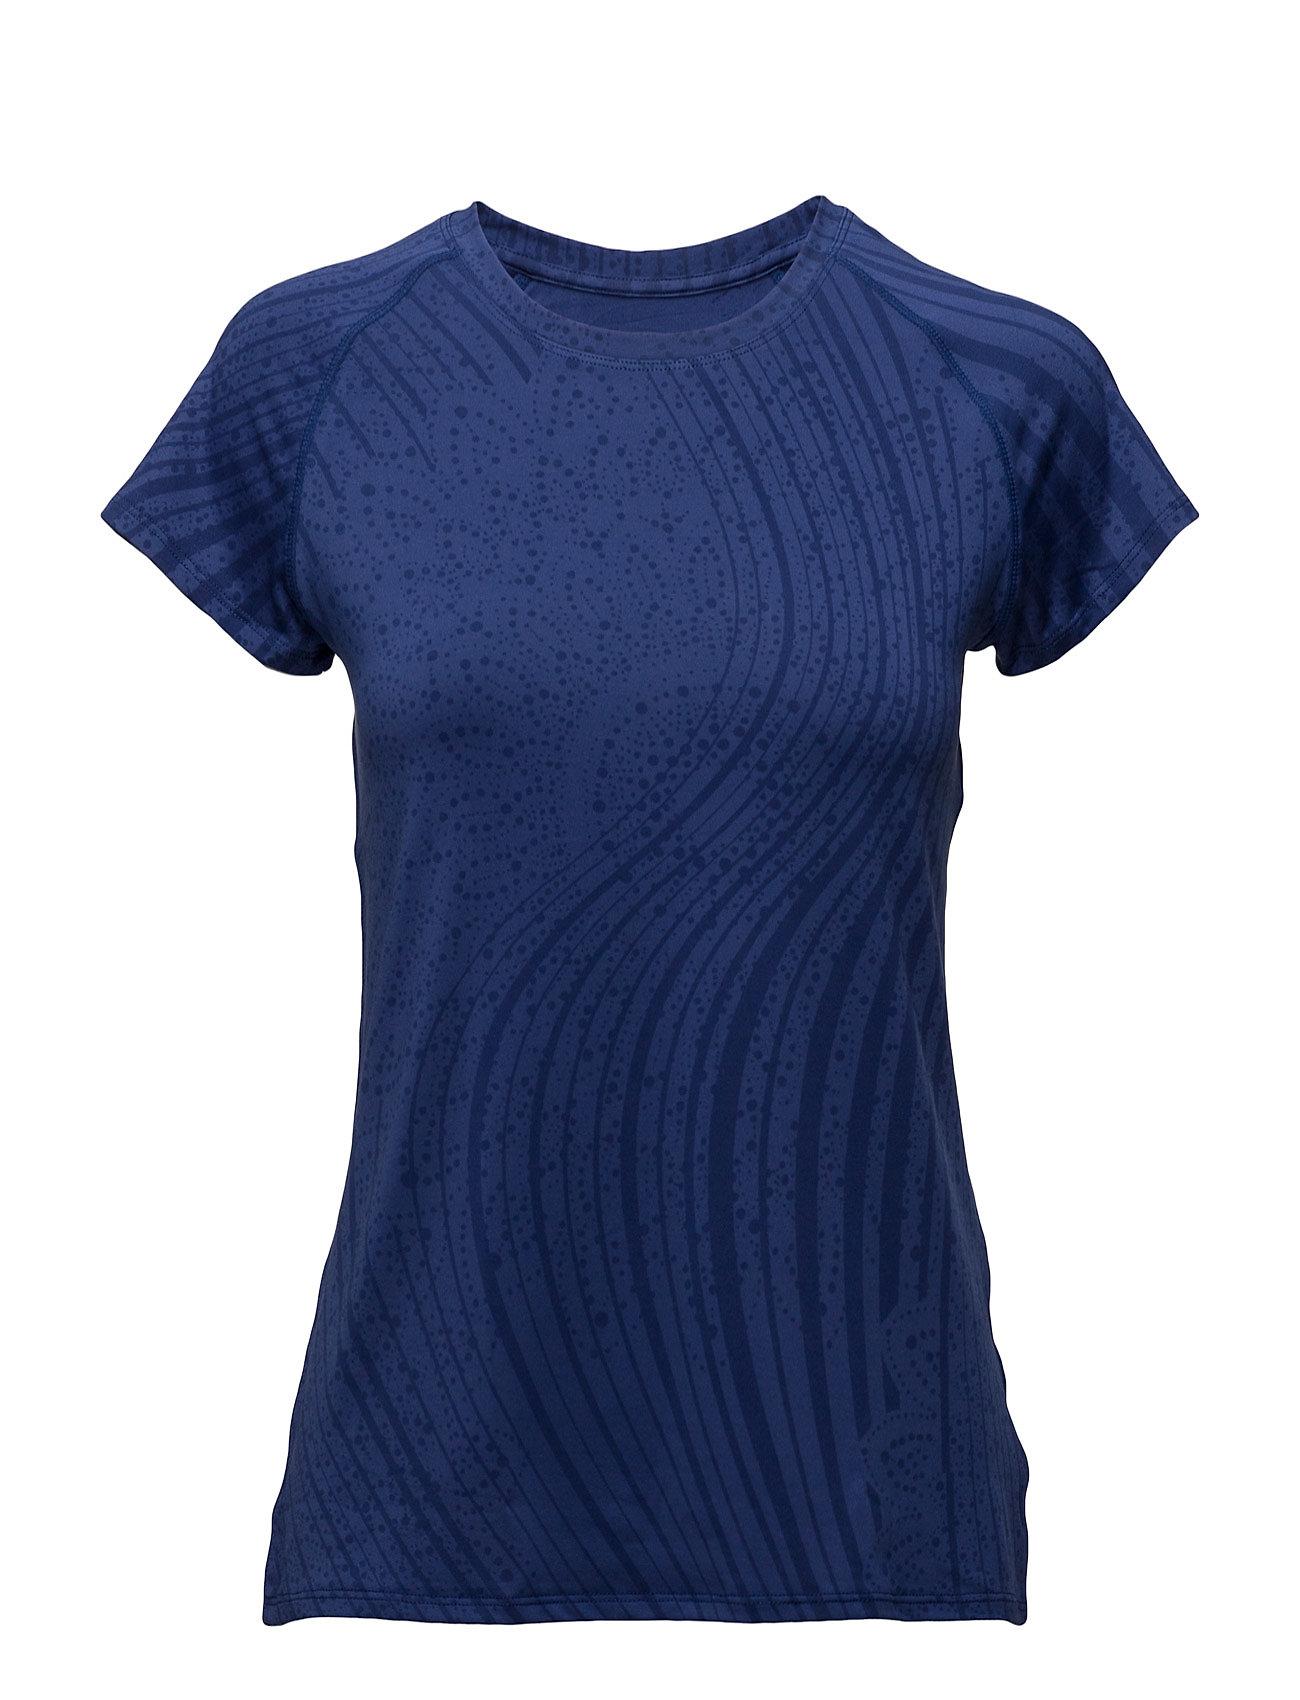 Ts Raglan Essentia Desigual Sport Løbe t-shirts til Damer i Blå